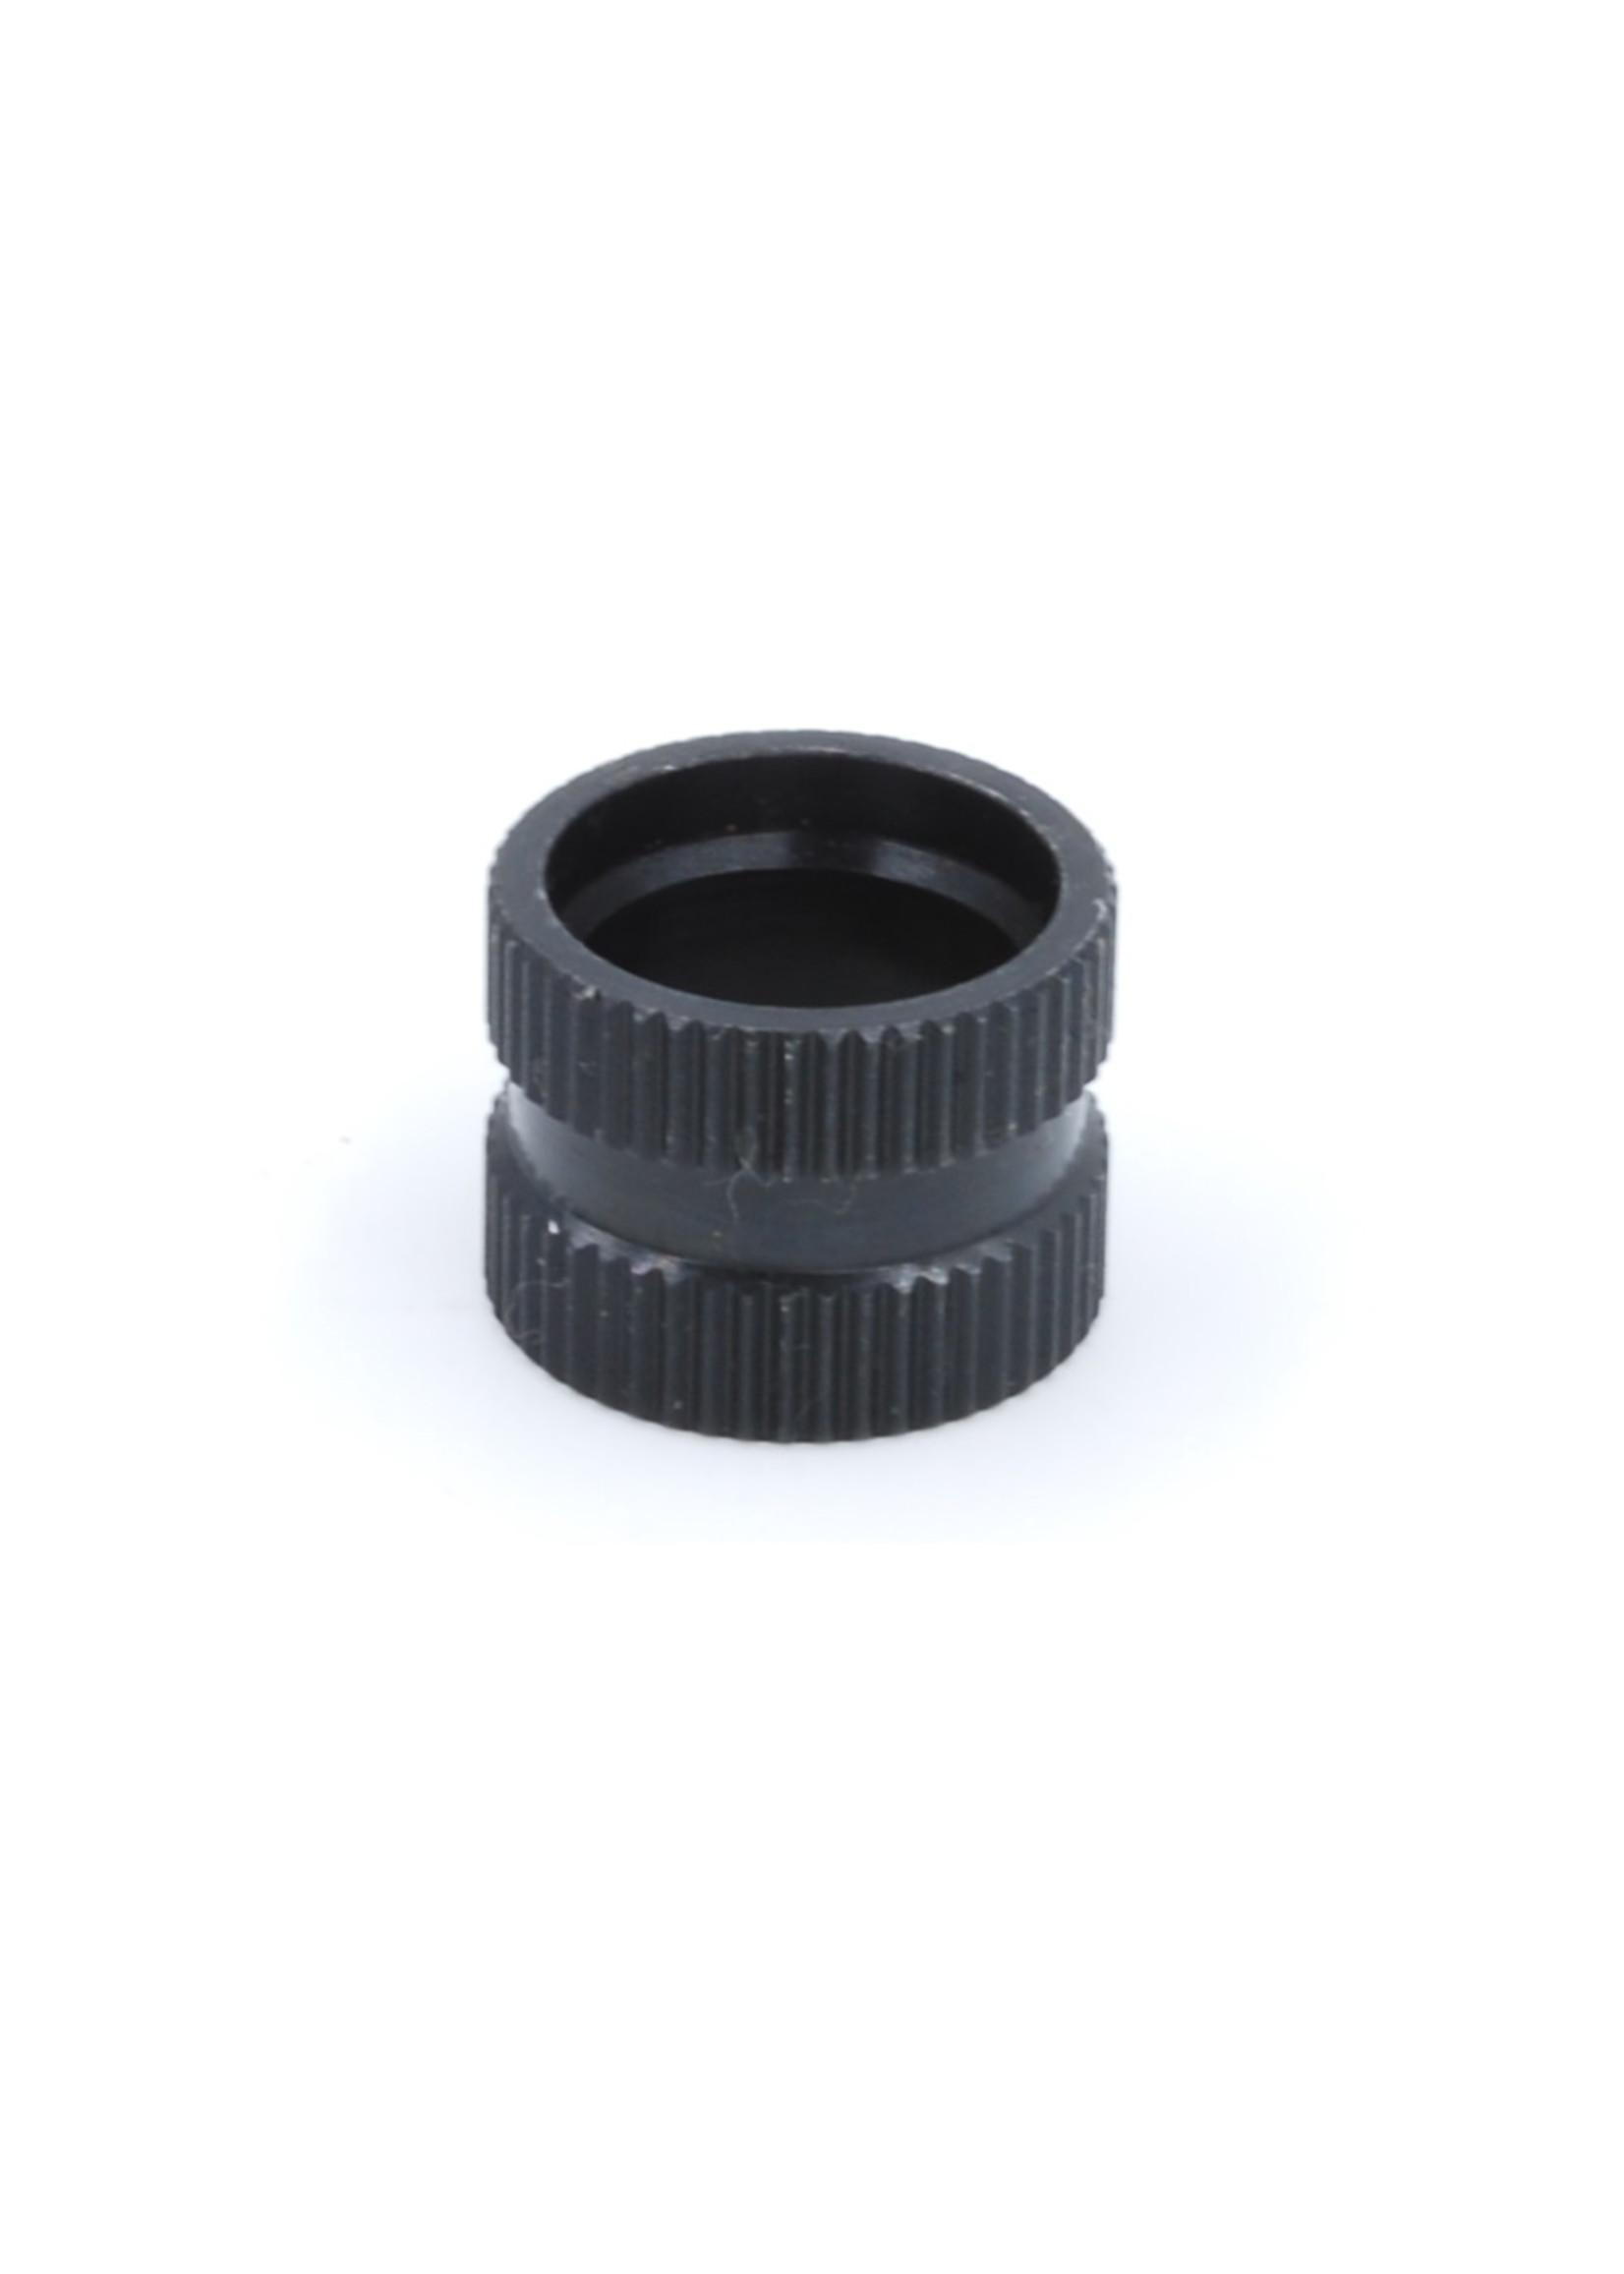 MP40 Muzzle Nut